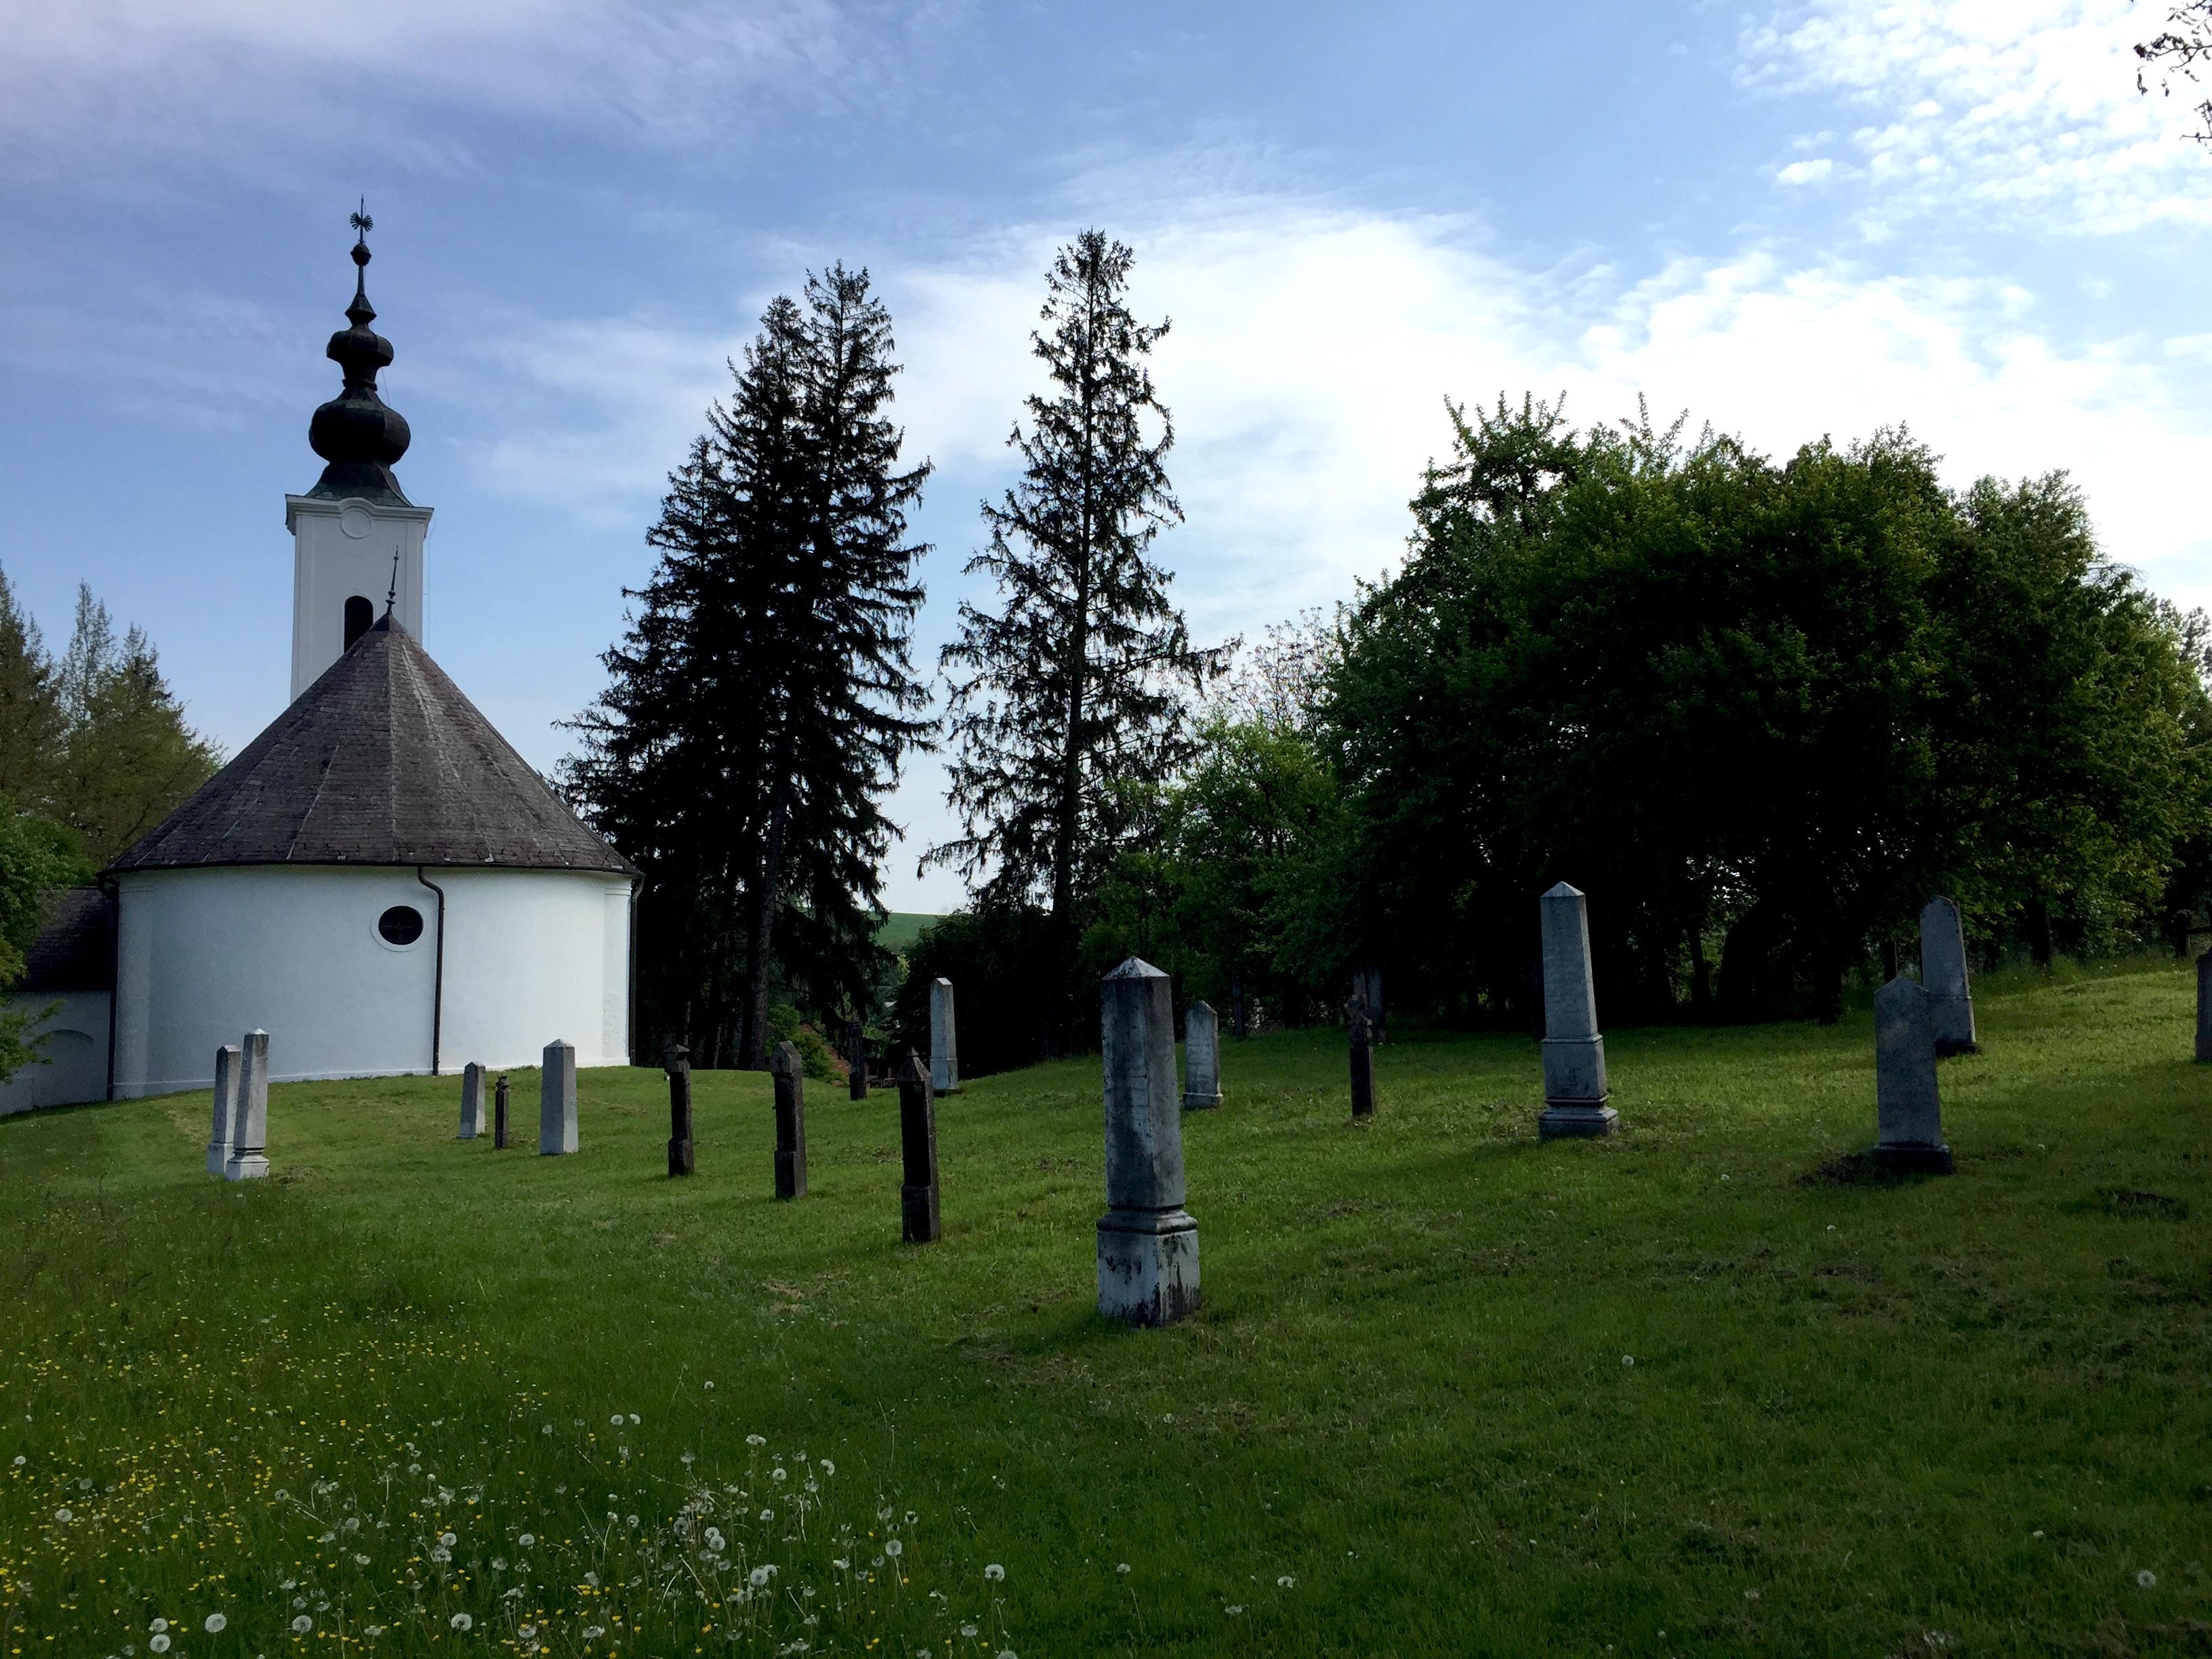 Templom és temető a Szennai skanzenben